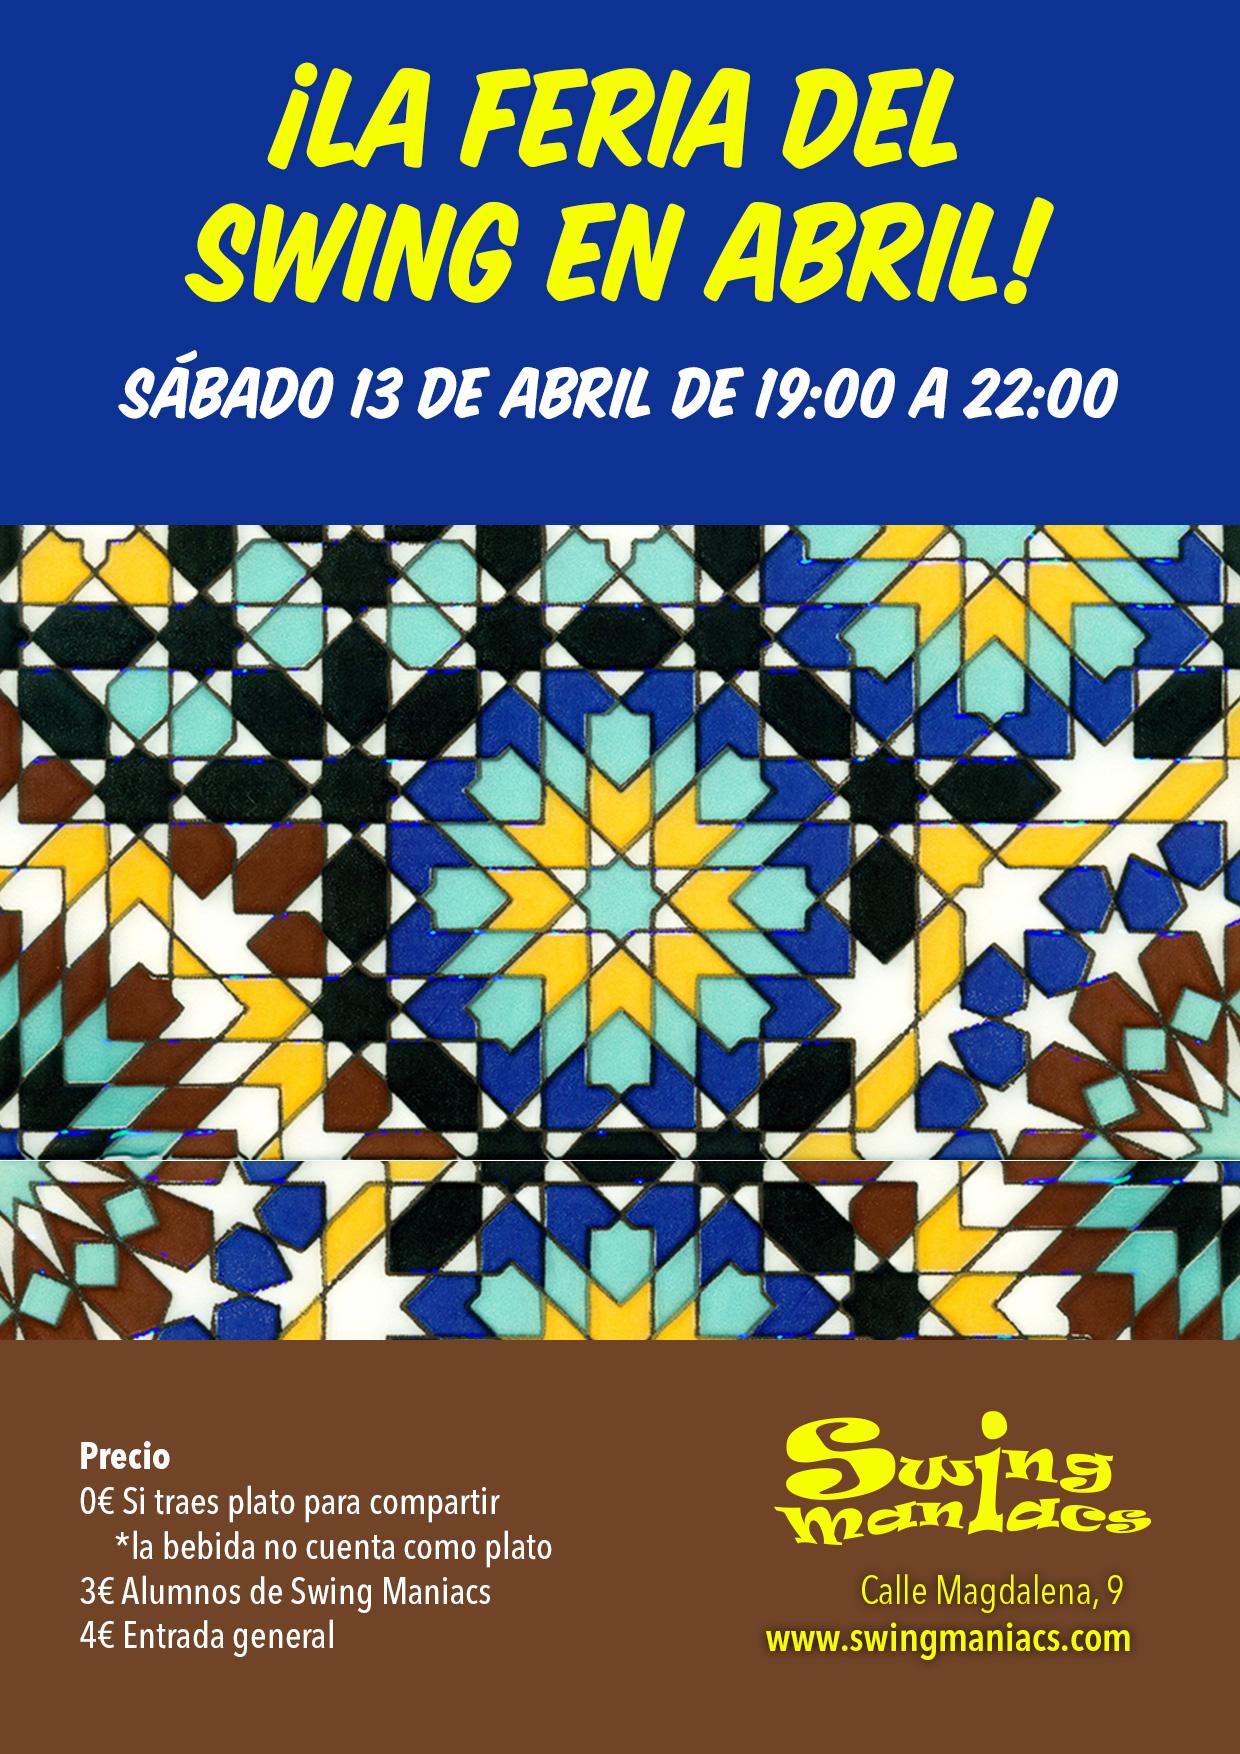 ¡La Feria del Swing en Abril!